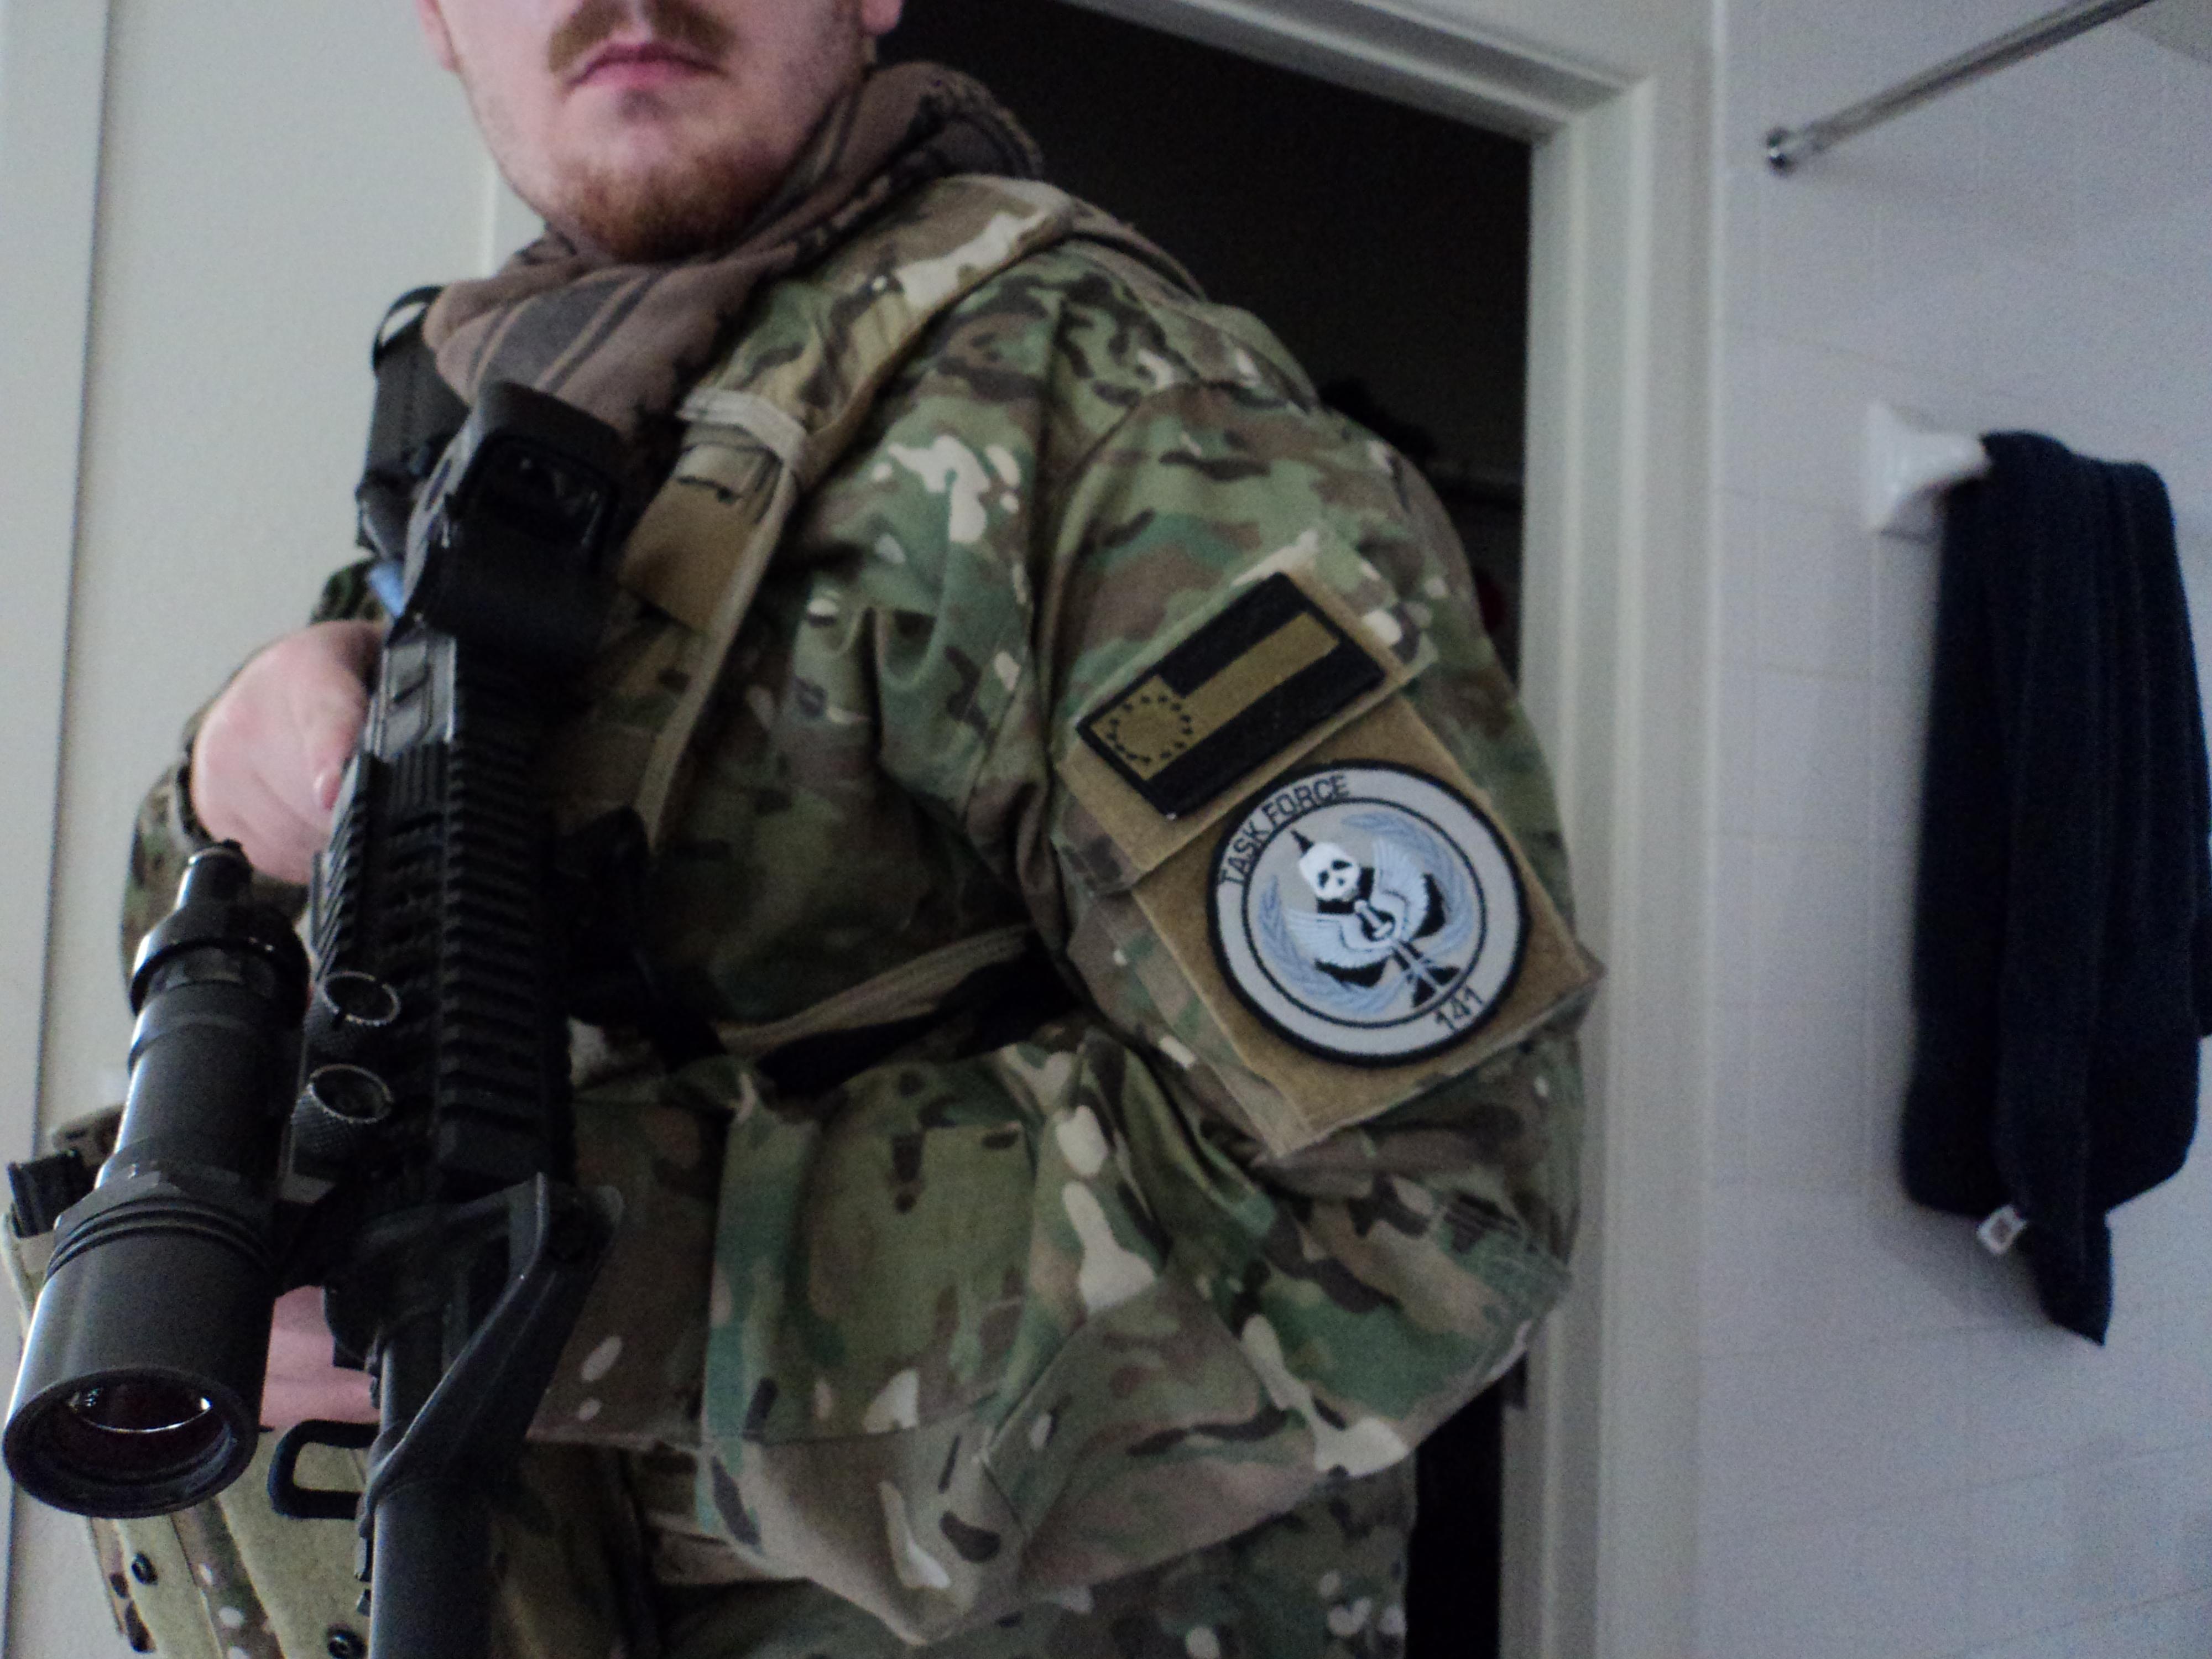 taskforce 141 patch